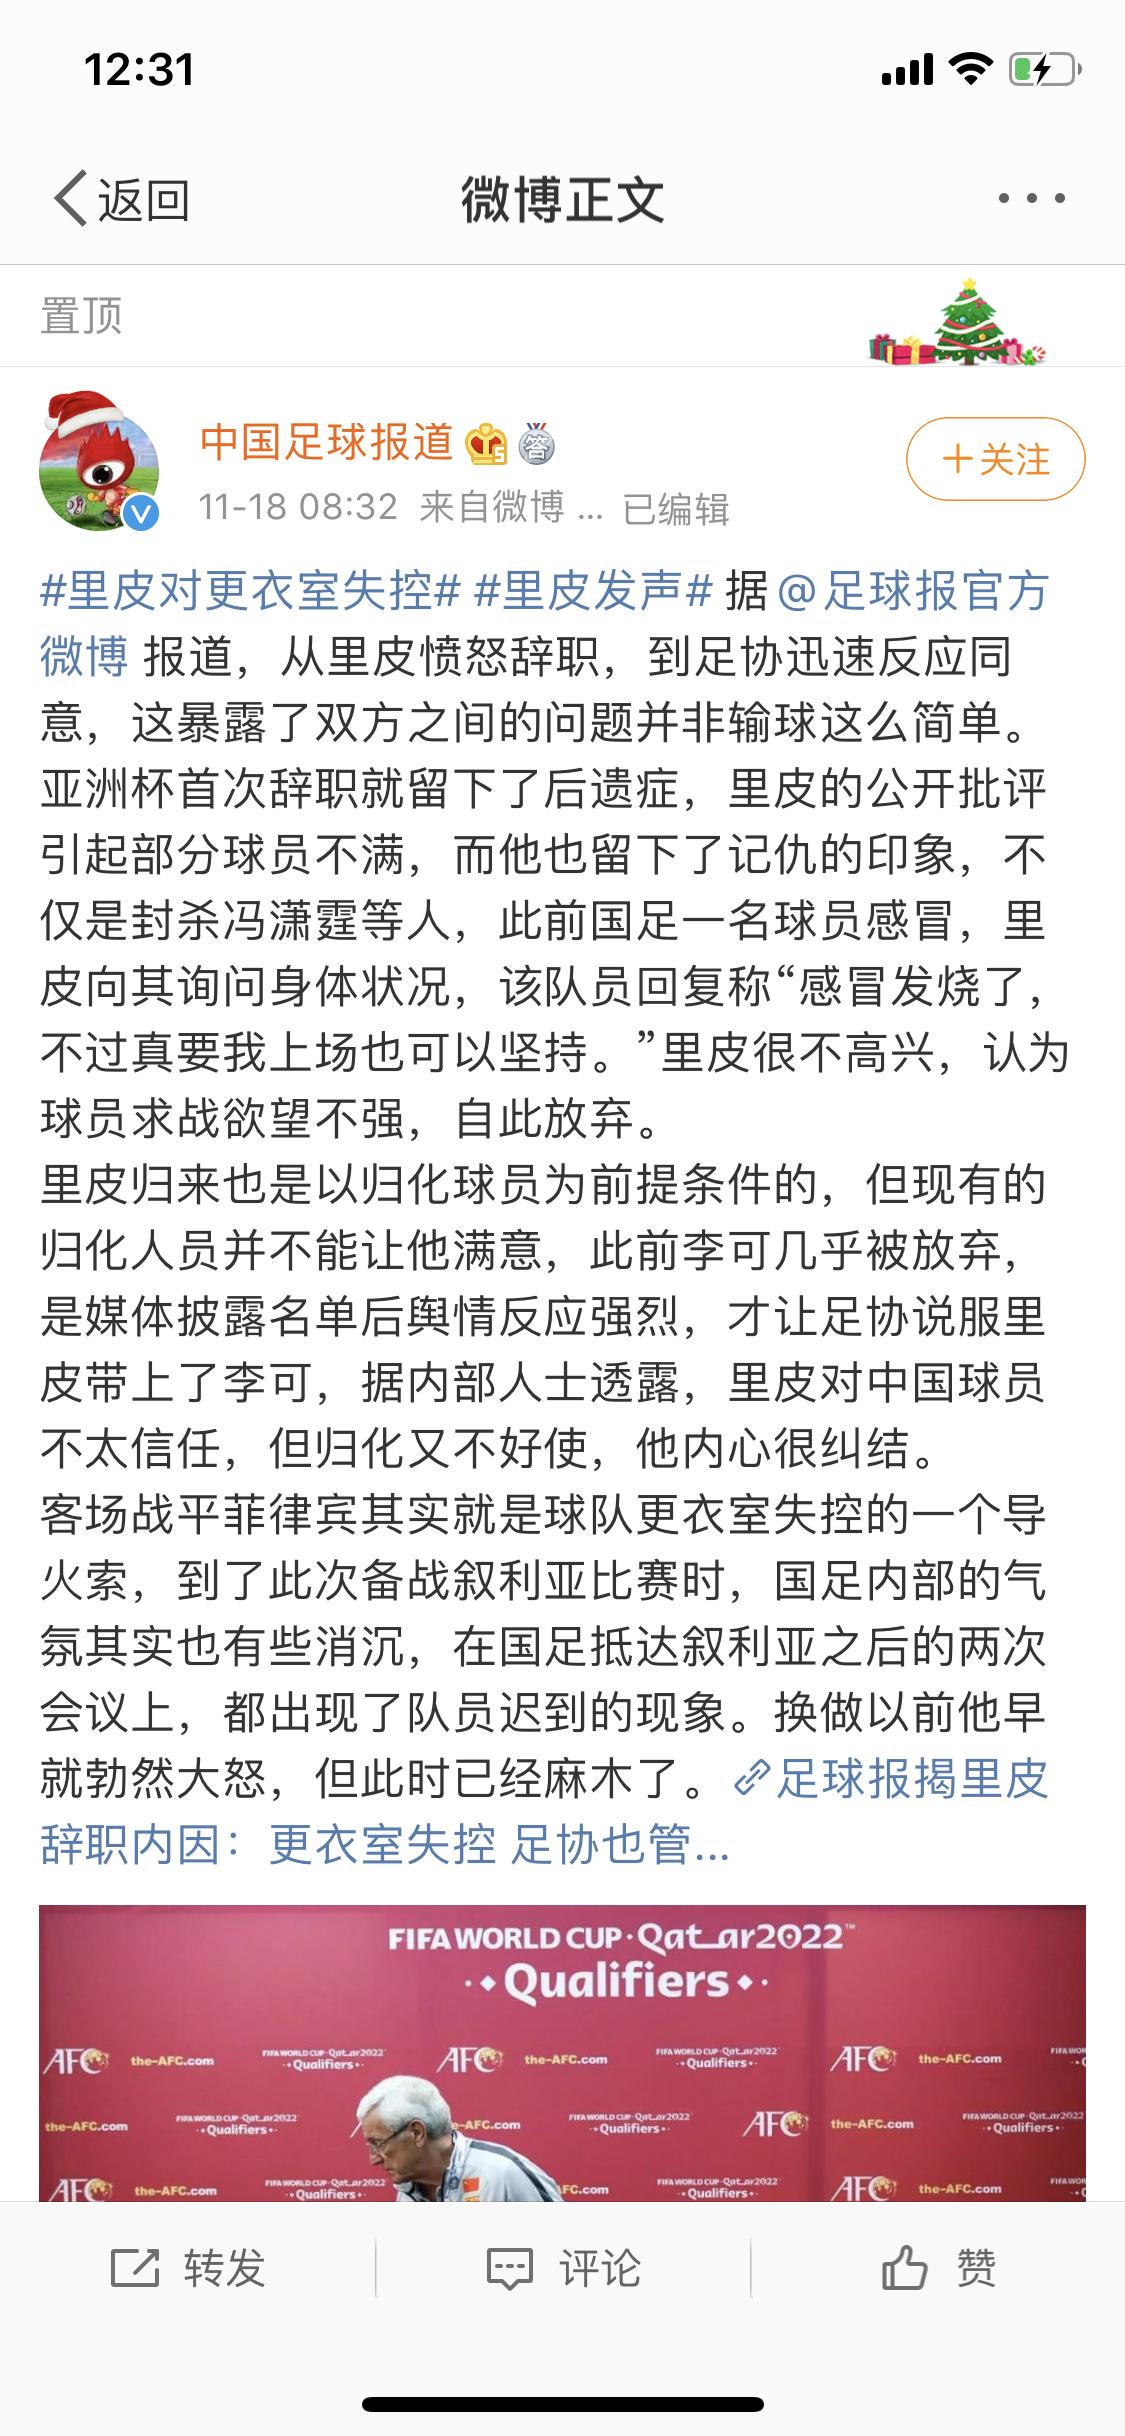 里皮辞职, ,里皮解释辞职原因:无法回报信任和尊重,脸很重要